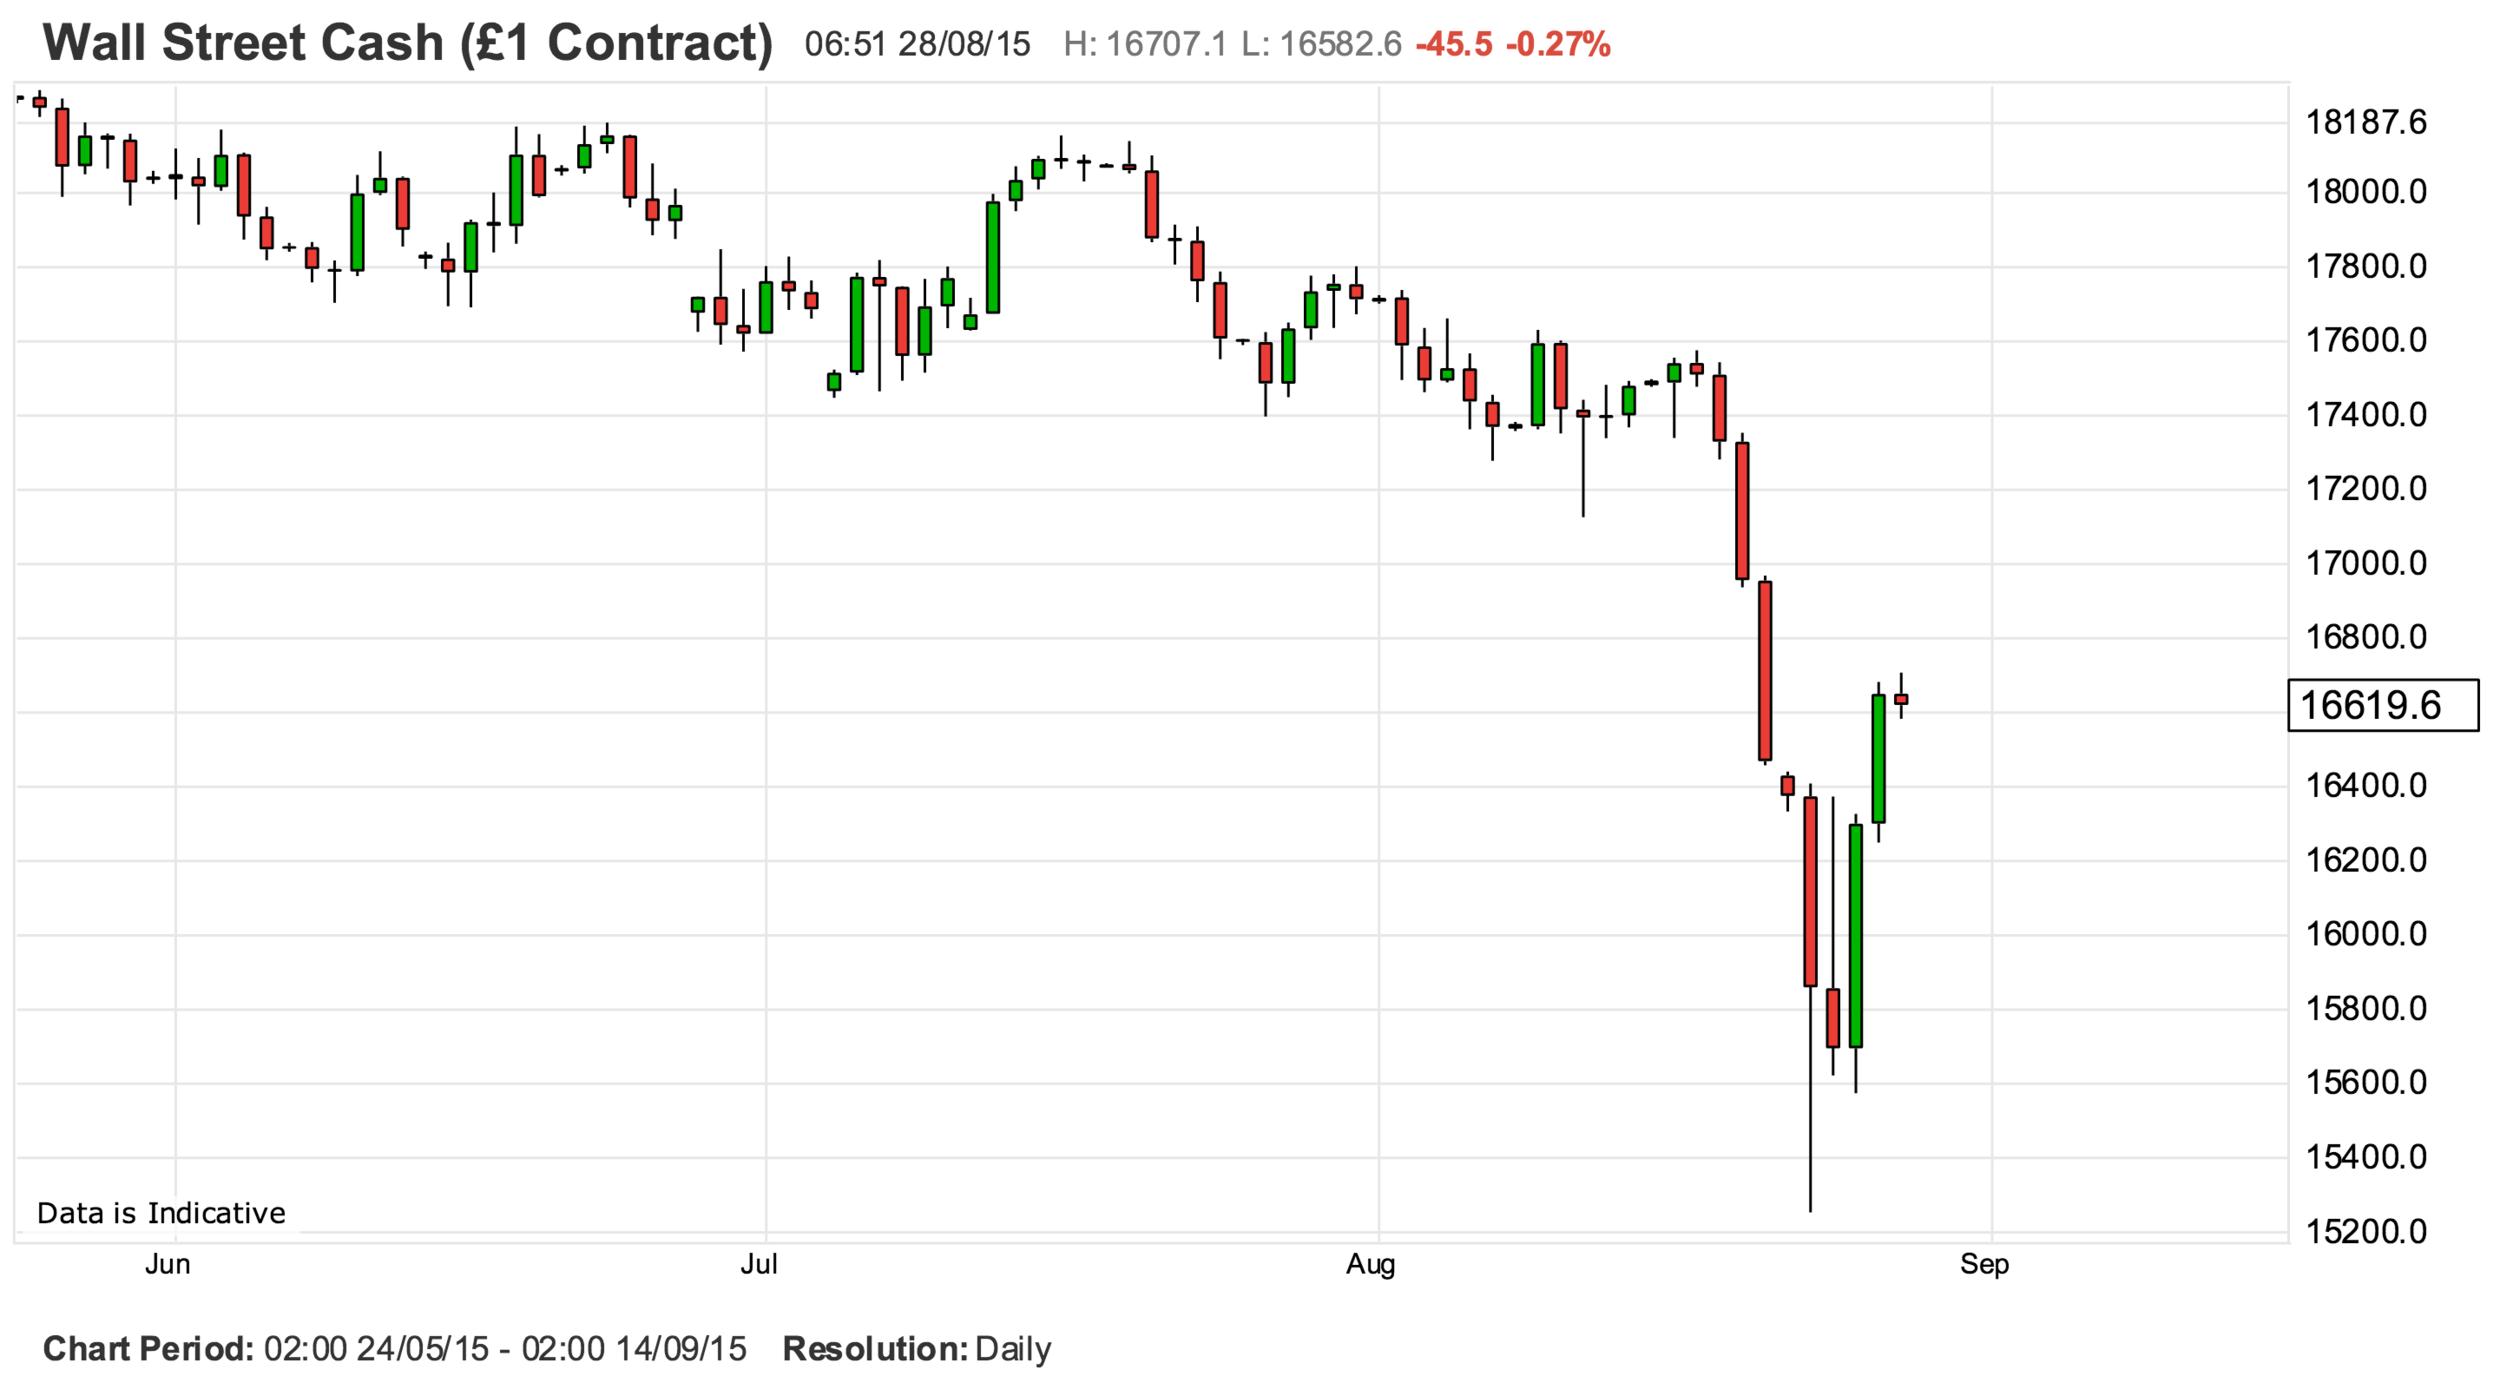 Dow Jones Industrials august 28 2015